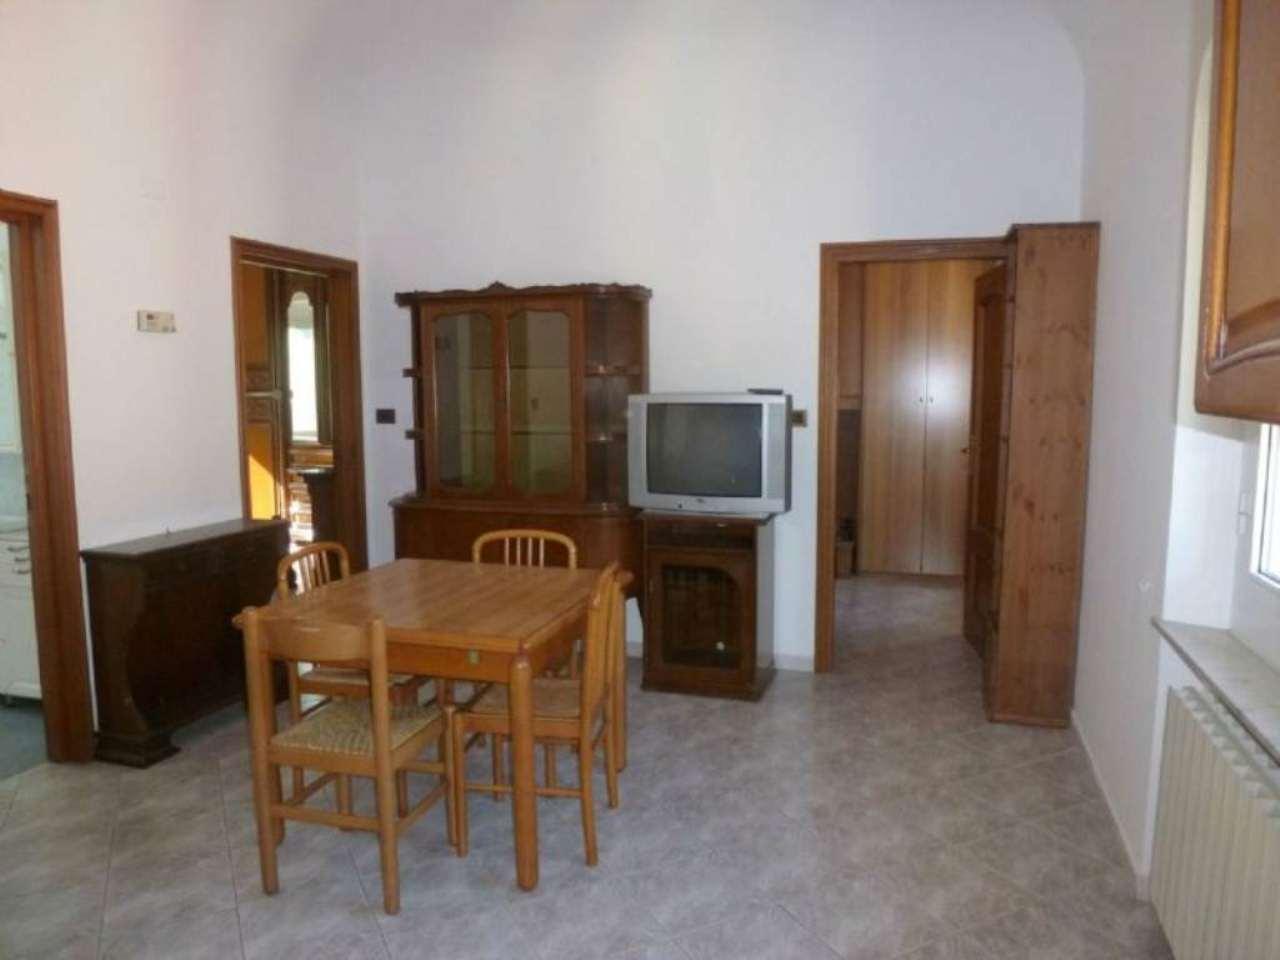 Appartamento in vendita a Campomorone, 4 locali, prezzo € 75.000 | Cambio Casa.it